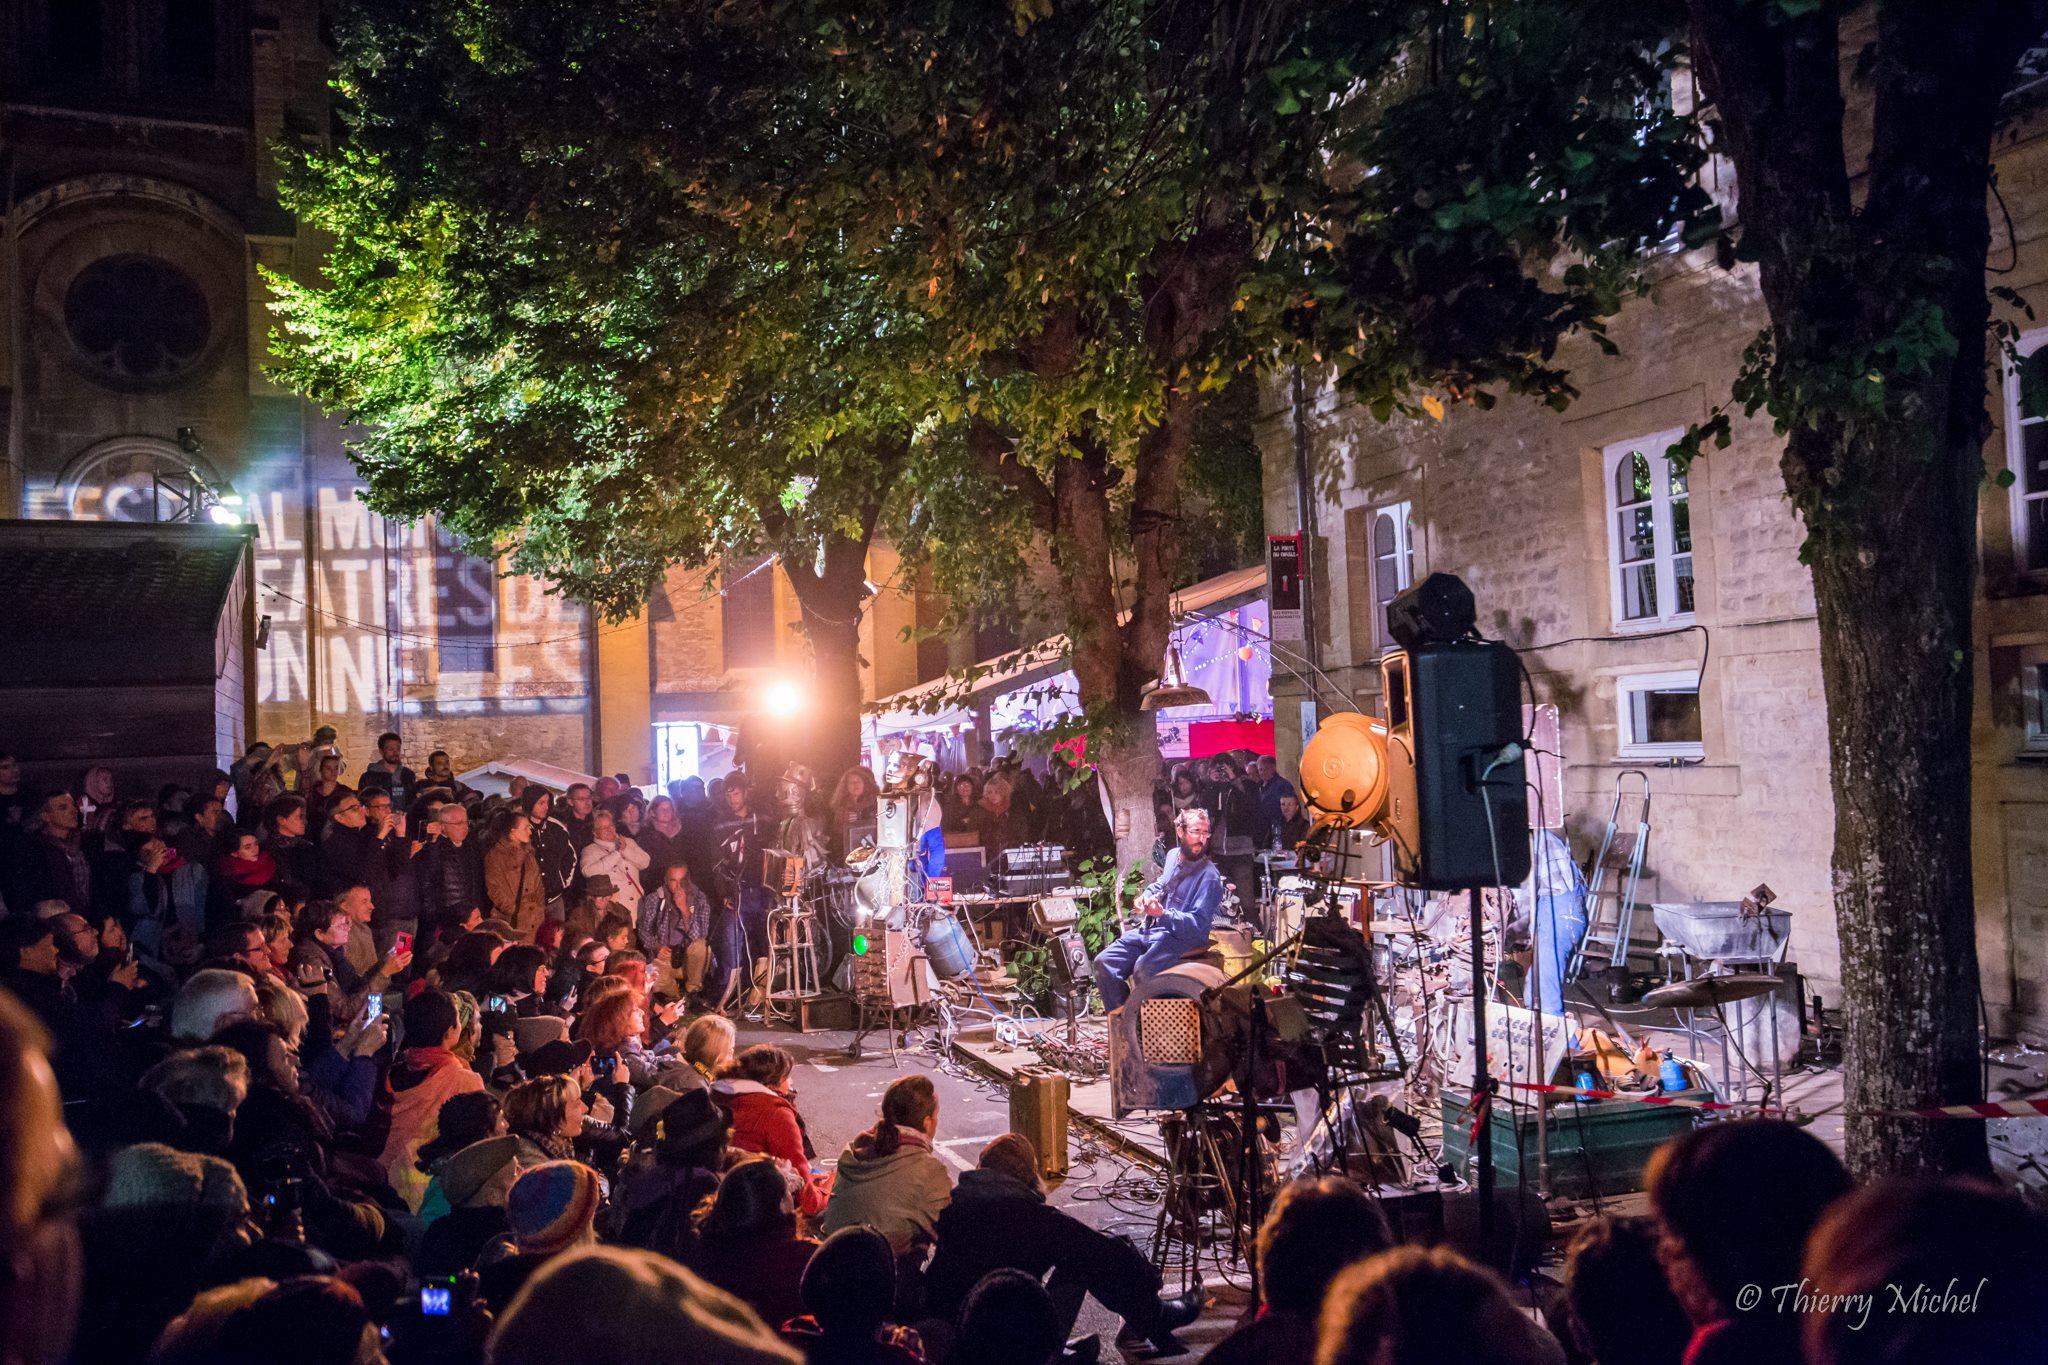 Espace Festival. Foto ©Thierry Michel